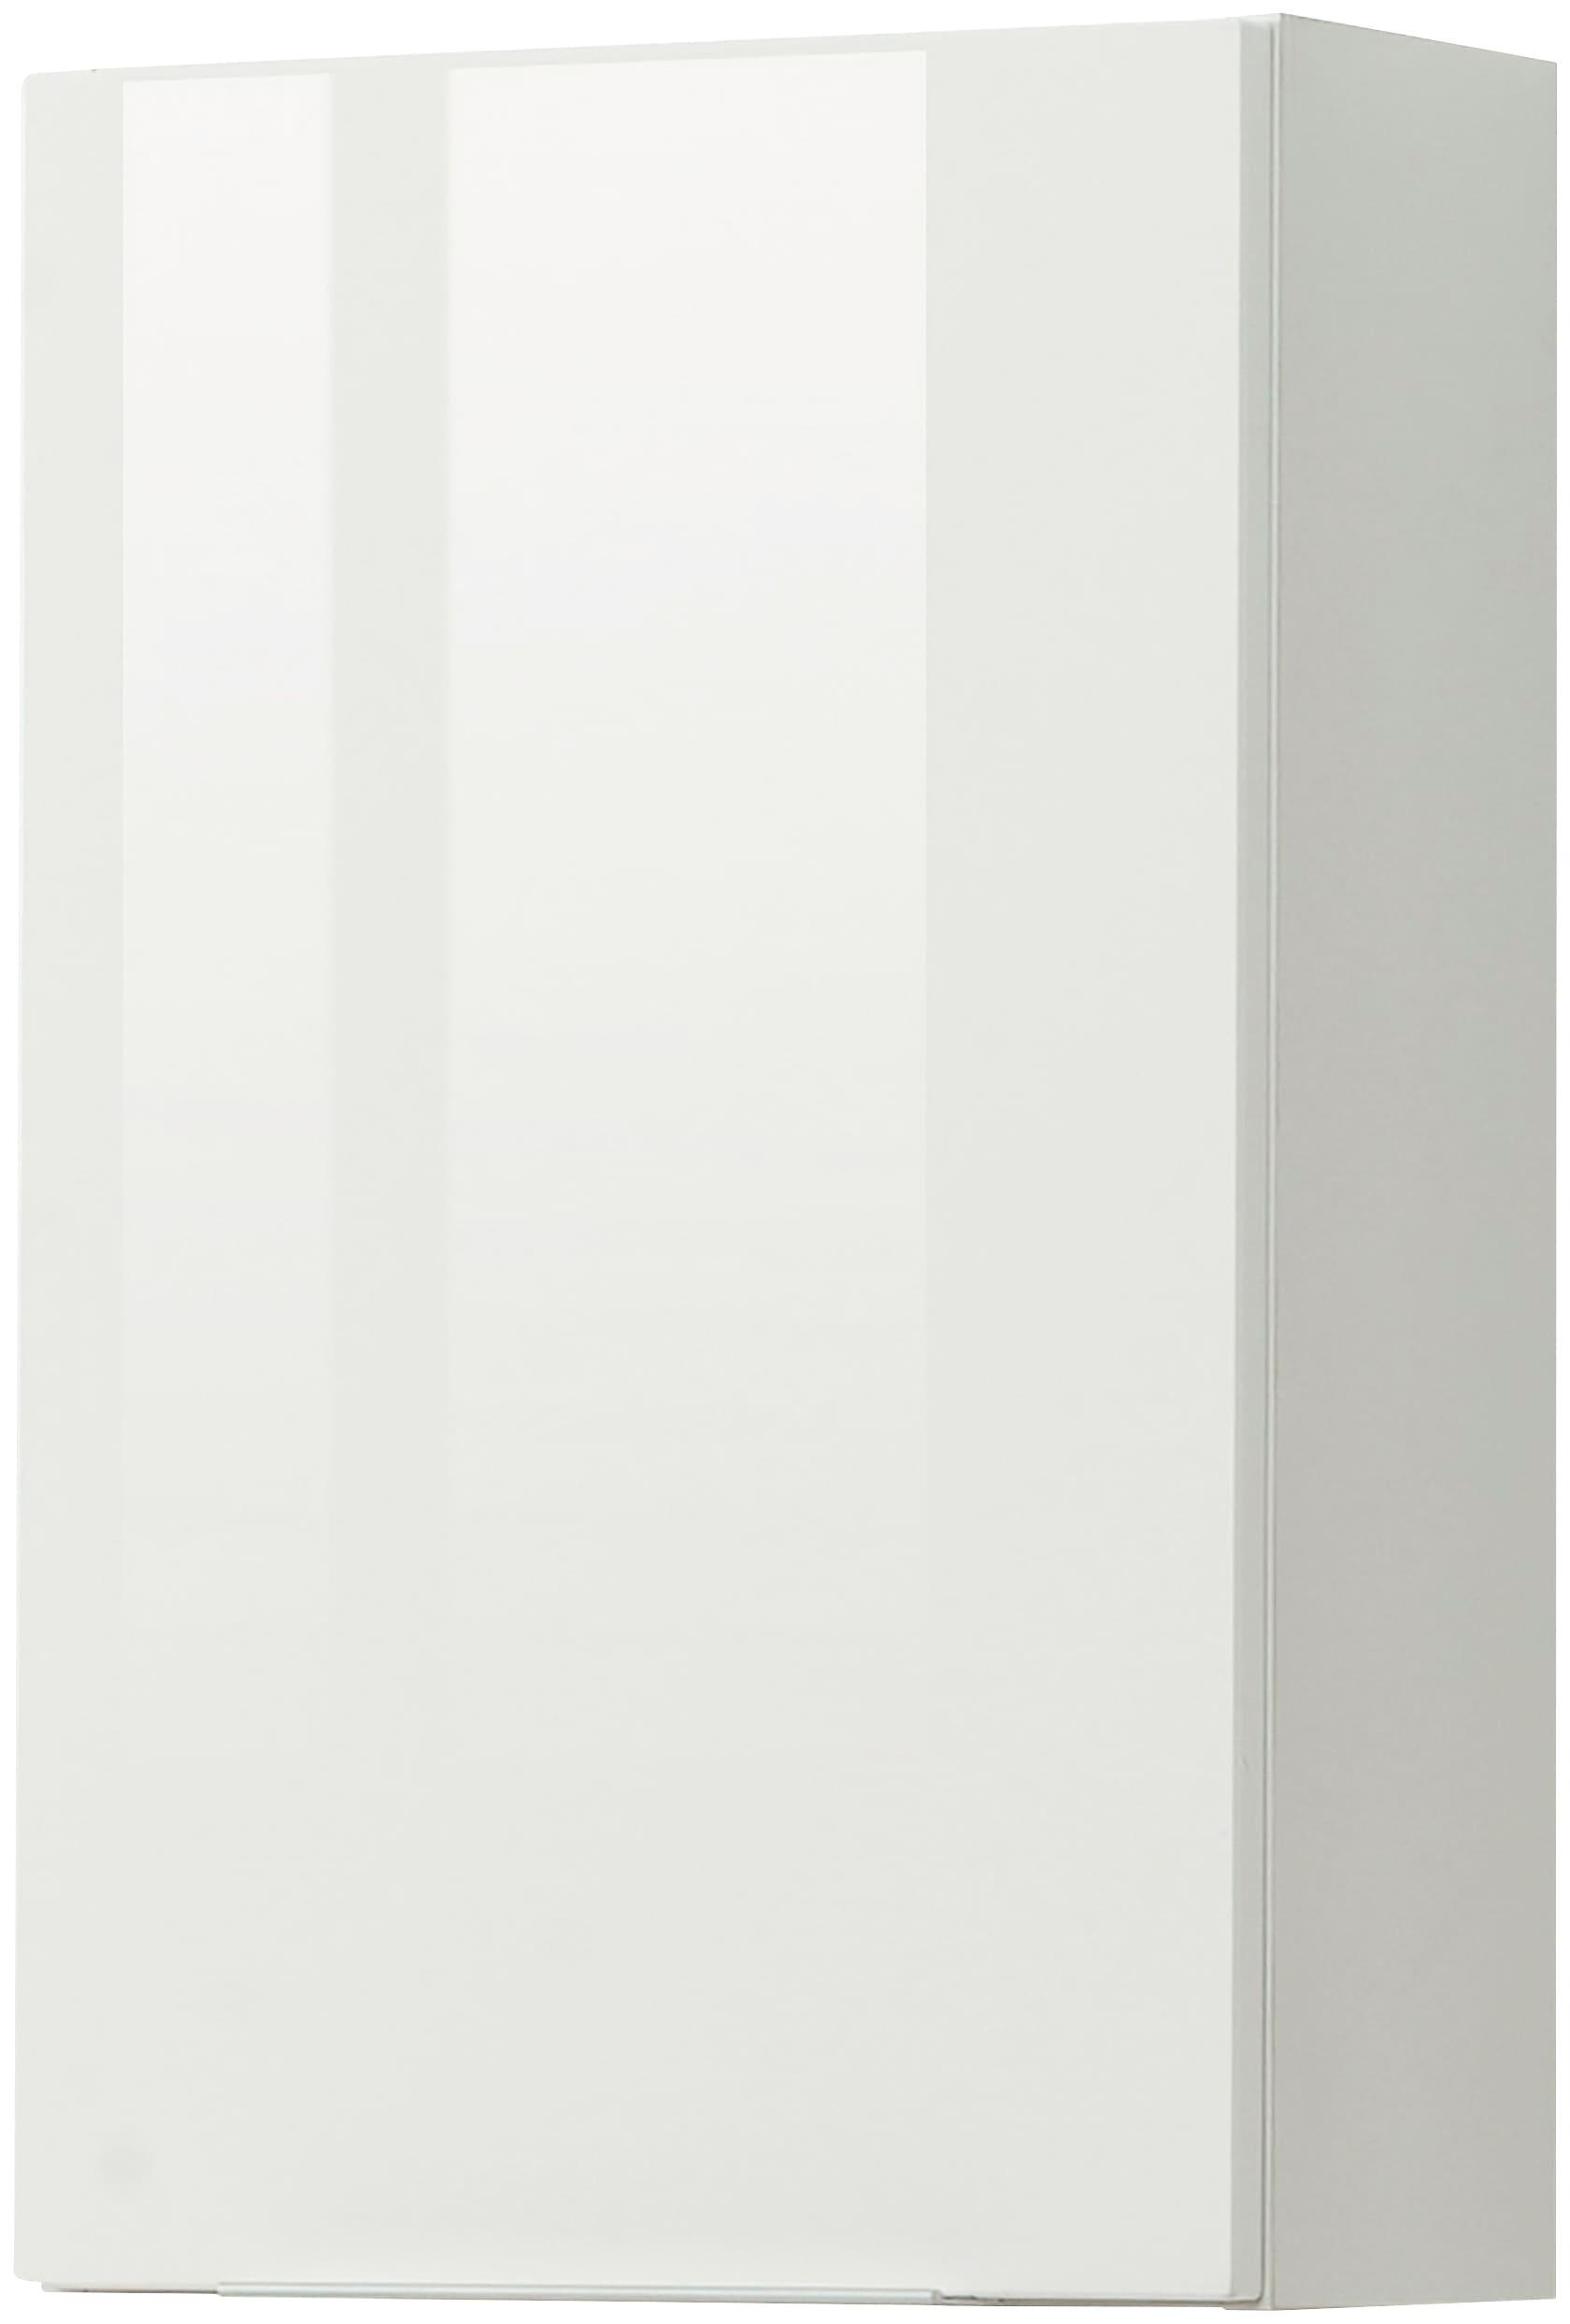 HELD MÖBEL Hängeschrank Ravello, Breite 40 cm, mit 2 Einlegeböden günstig online kaufen